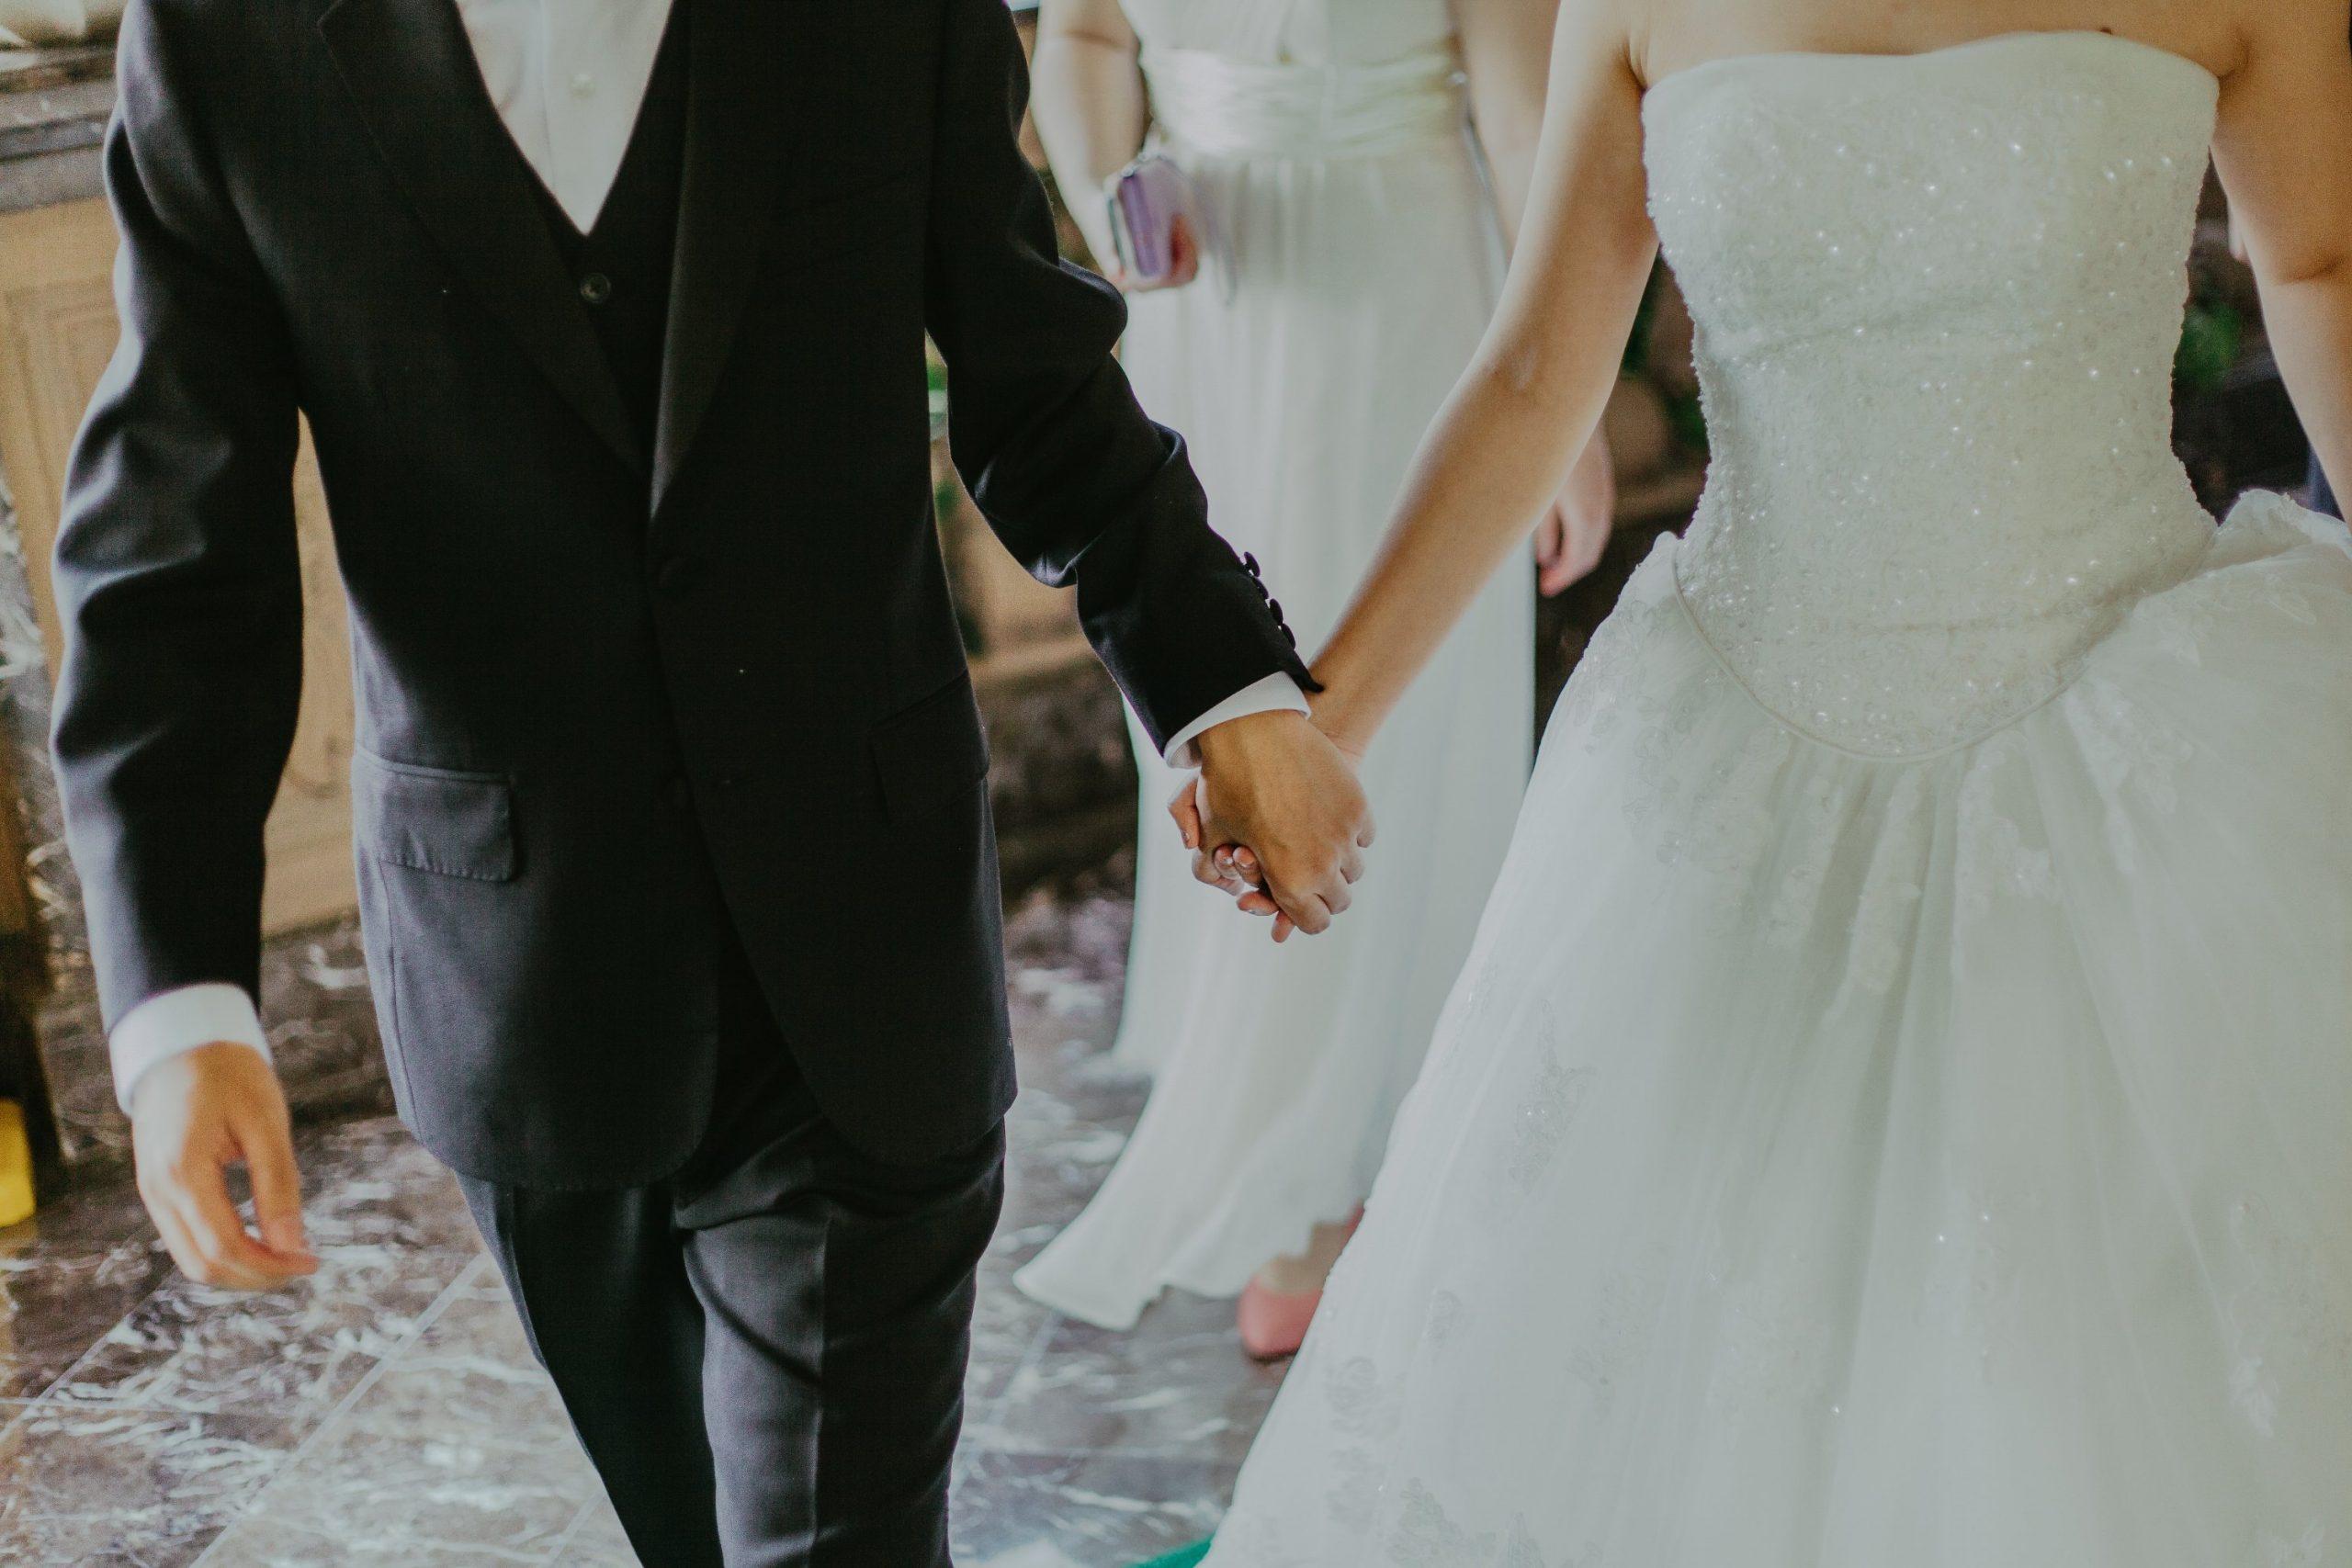 Matrimonio solo religioso: chi eredita dal coniuge? | Tiziano Solignani